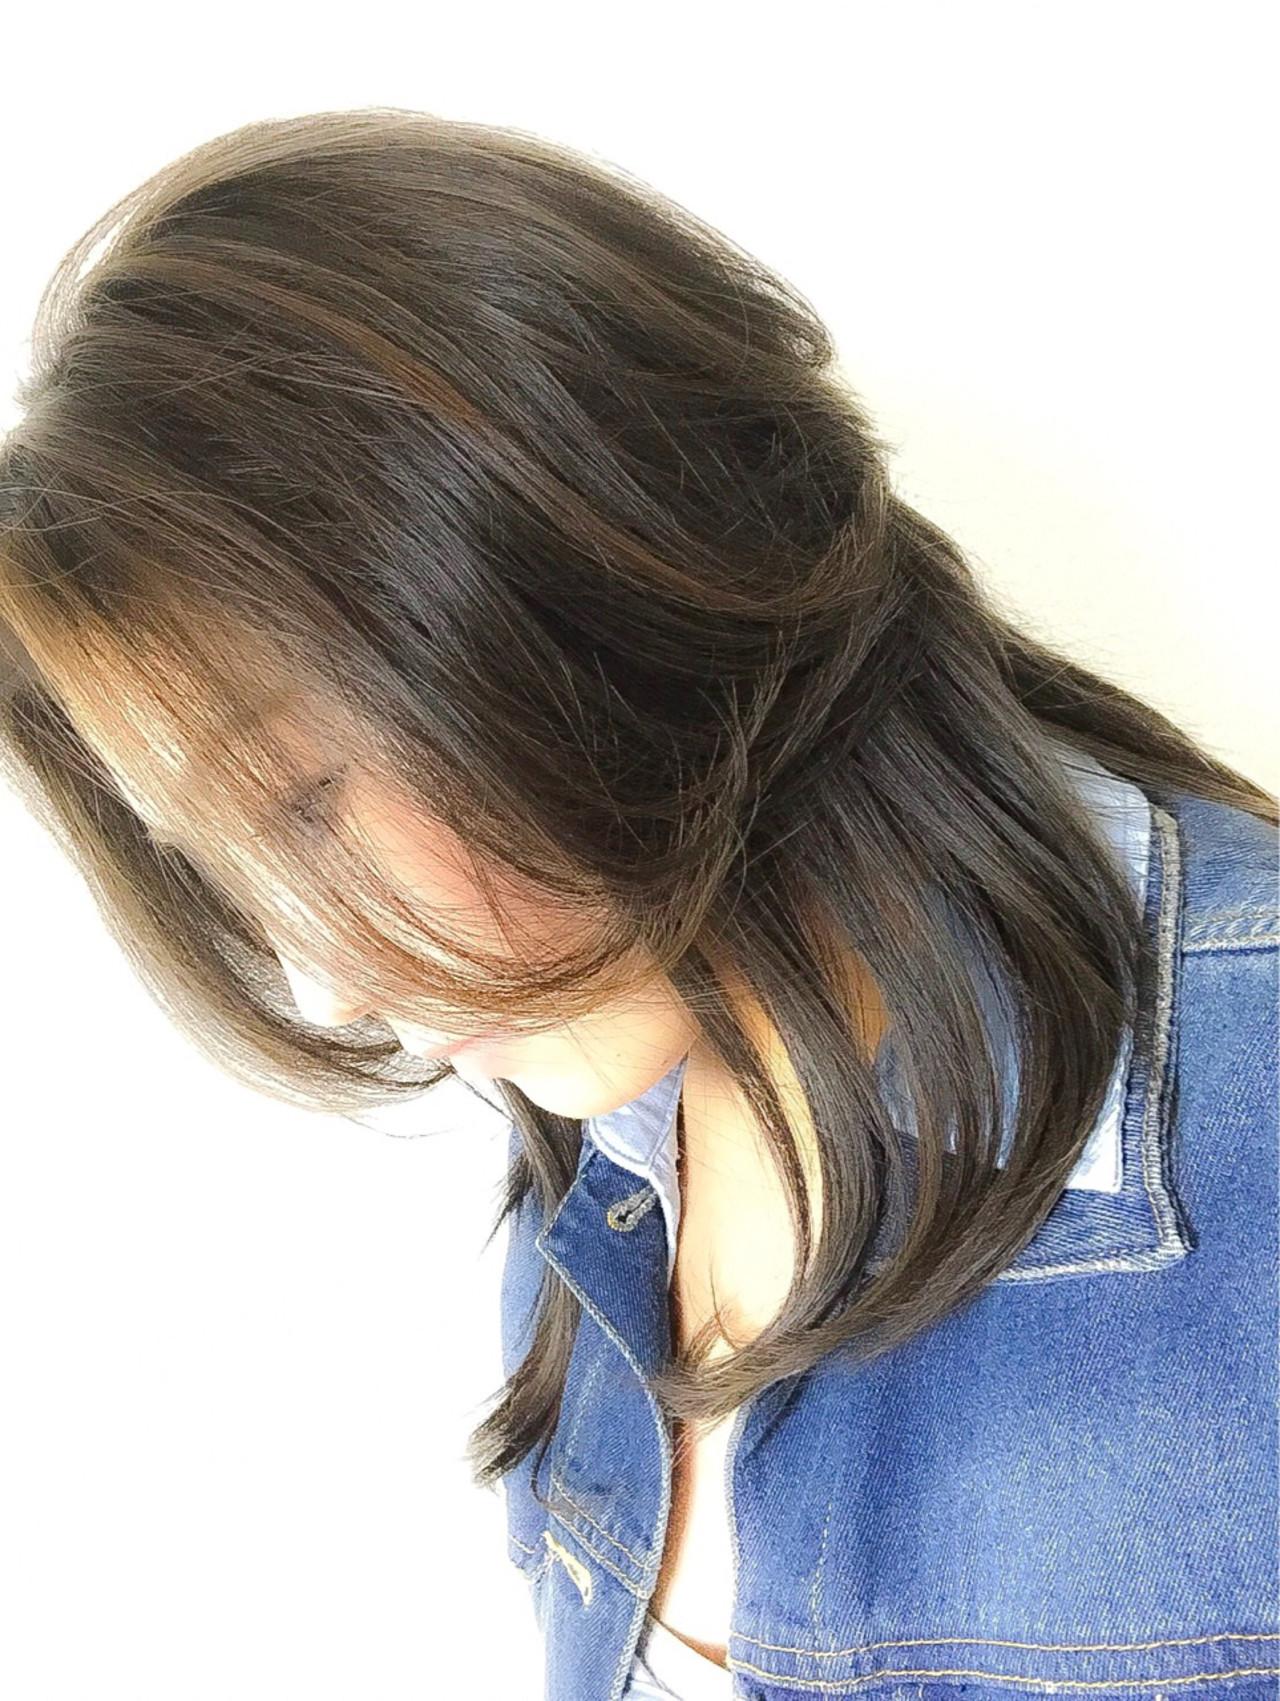 黒髪 エレガント 上品 イルミナカラー ヘアスタイルや髪型の写真・画像 | 村上 寛人 ムラカミ ヒロト / hair therapy Sara (ヘアー セラピー サラ)